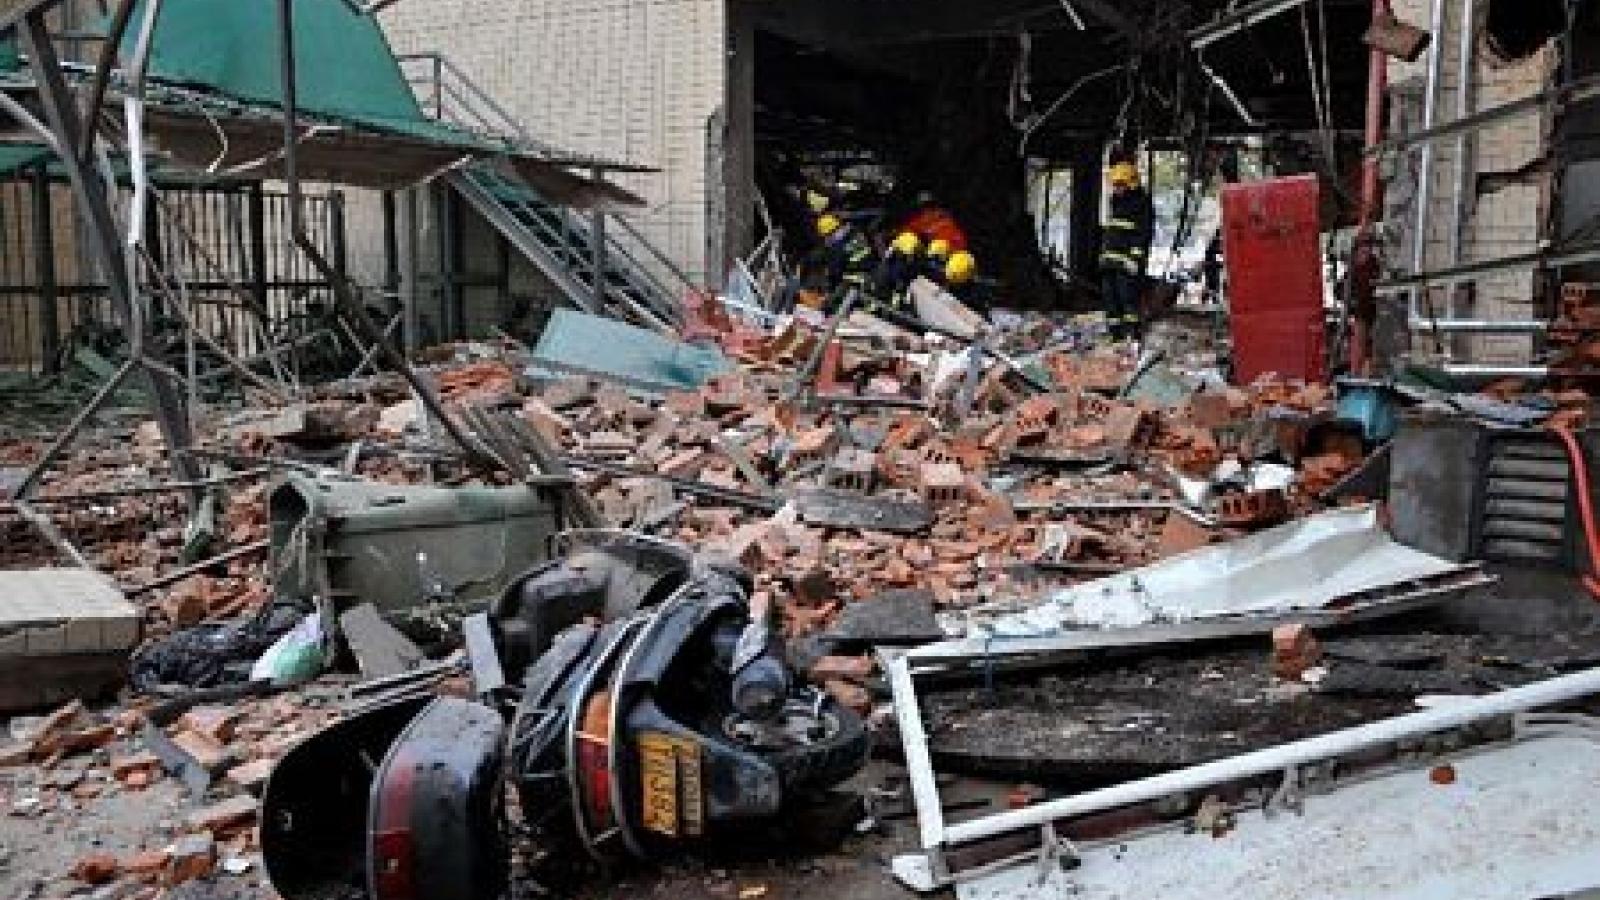 34 người bị thương trong vụ nổ nhà hàng ở Hồ Nam, Trung Quốc